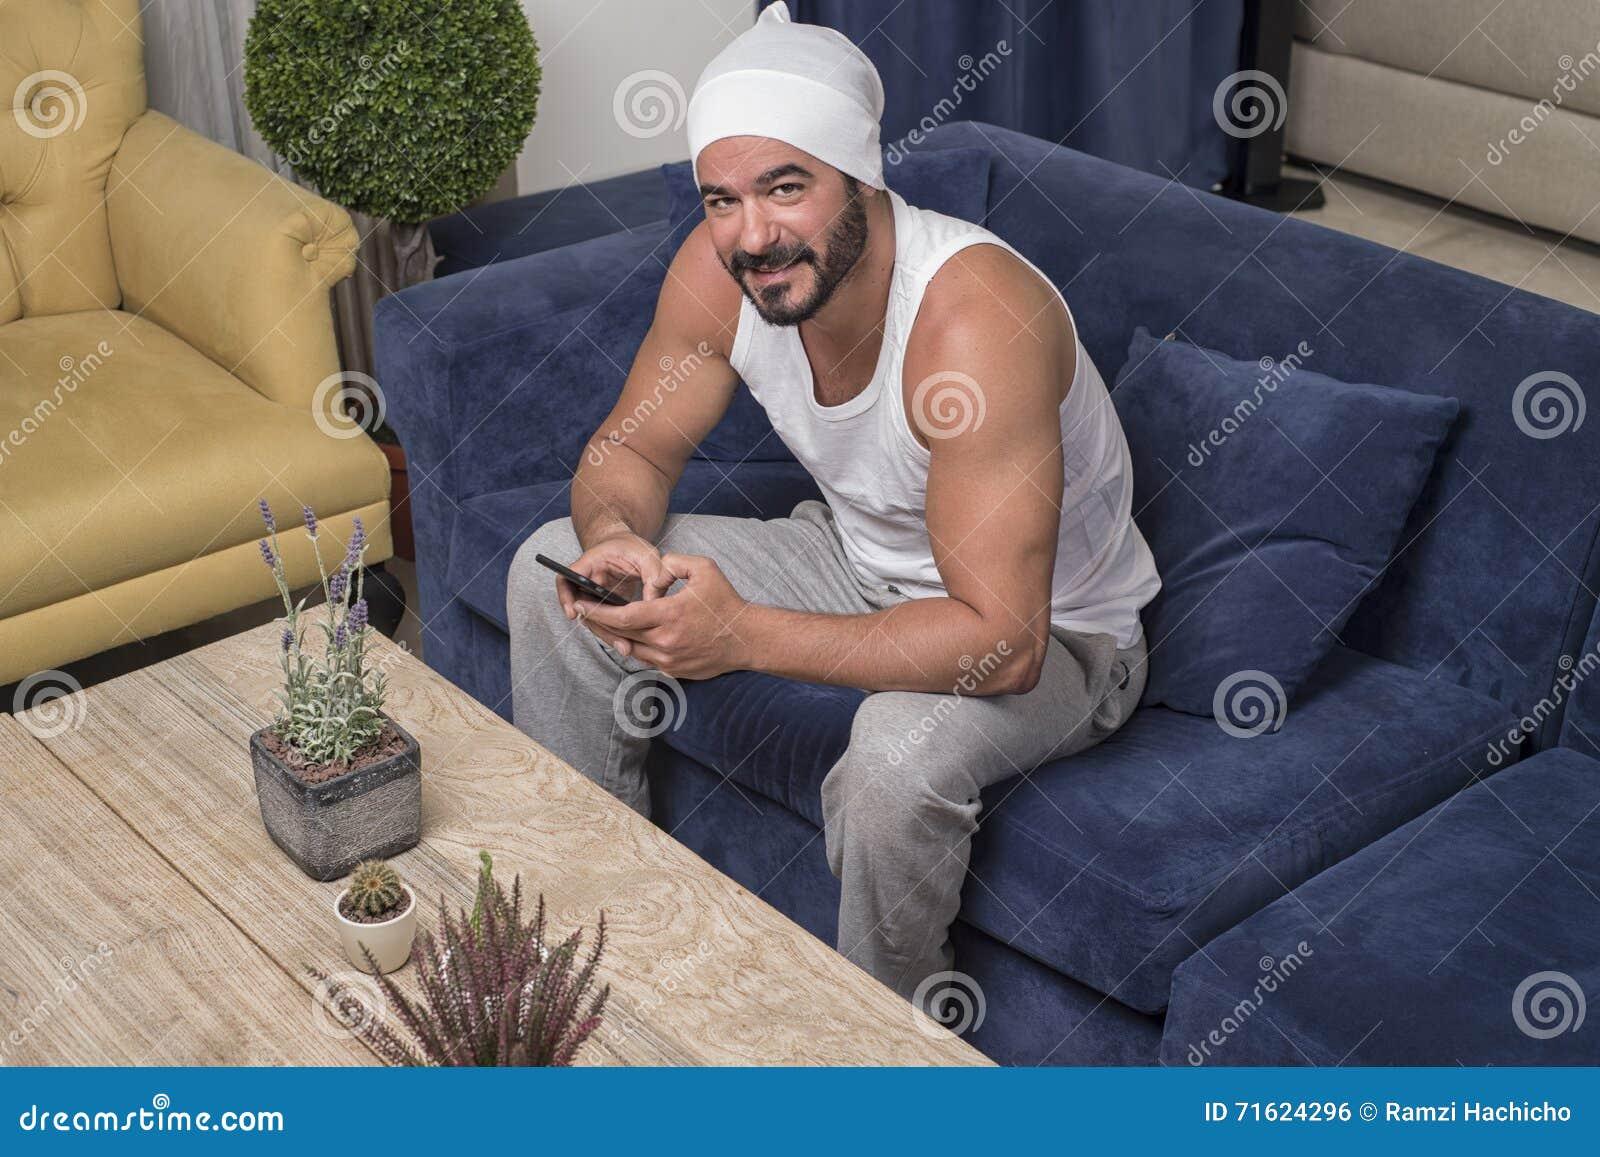 Gut aussehende Kerl online datieren Nz Casual Dating